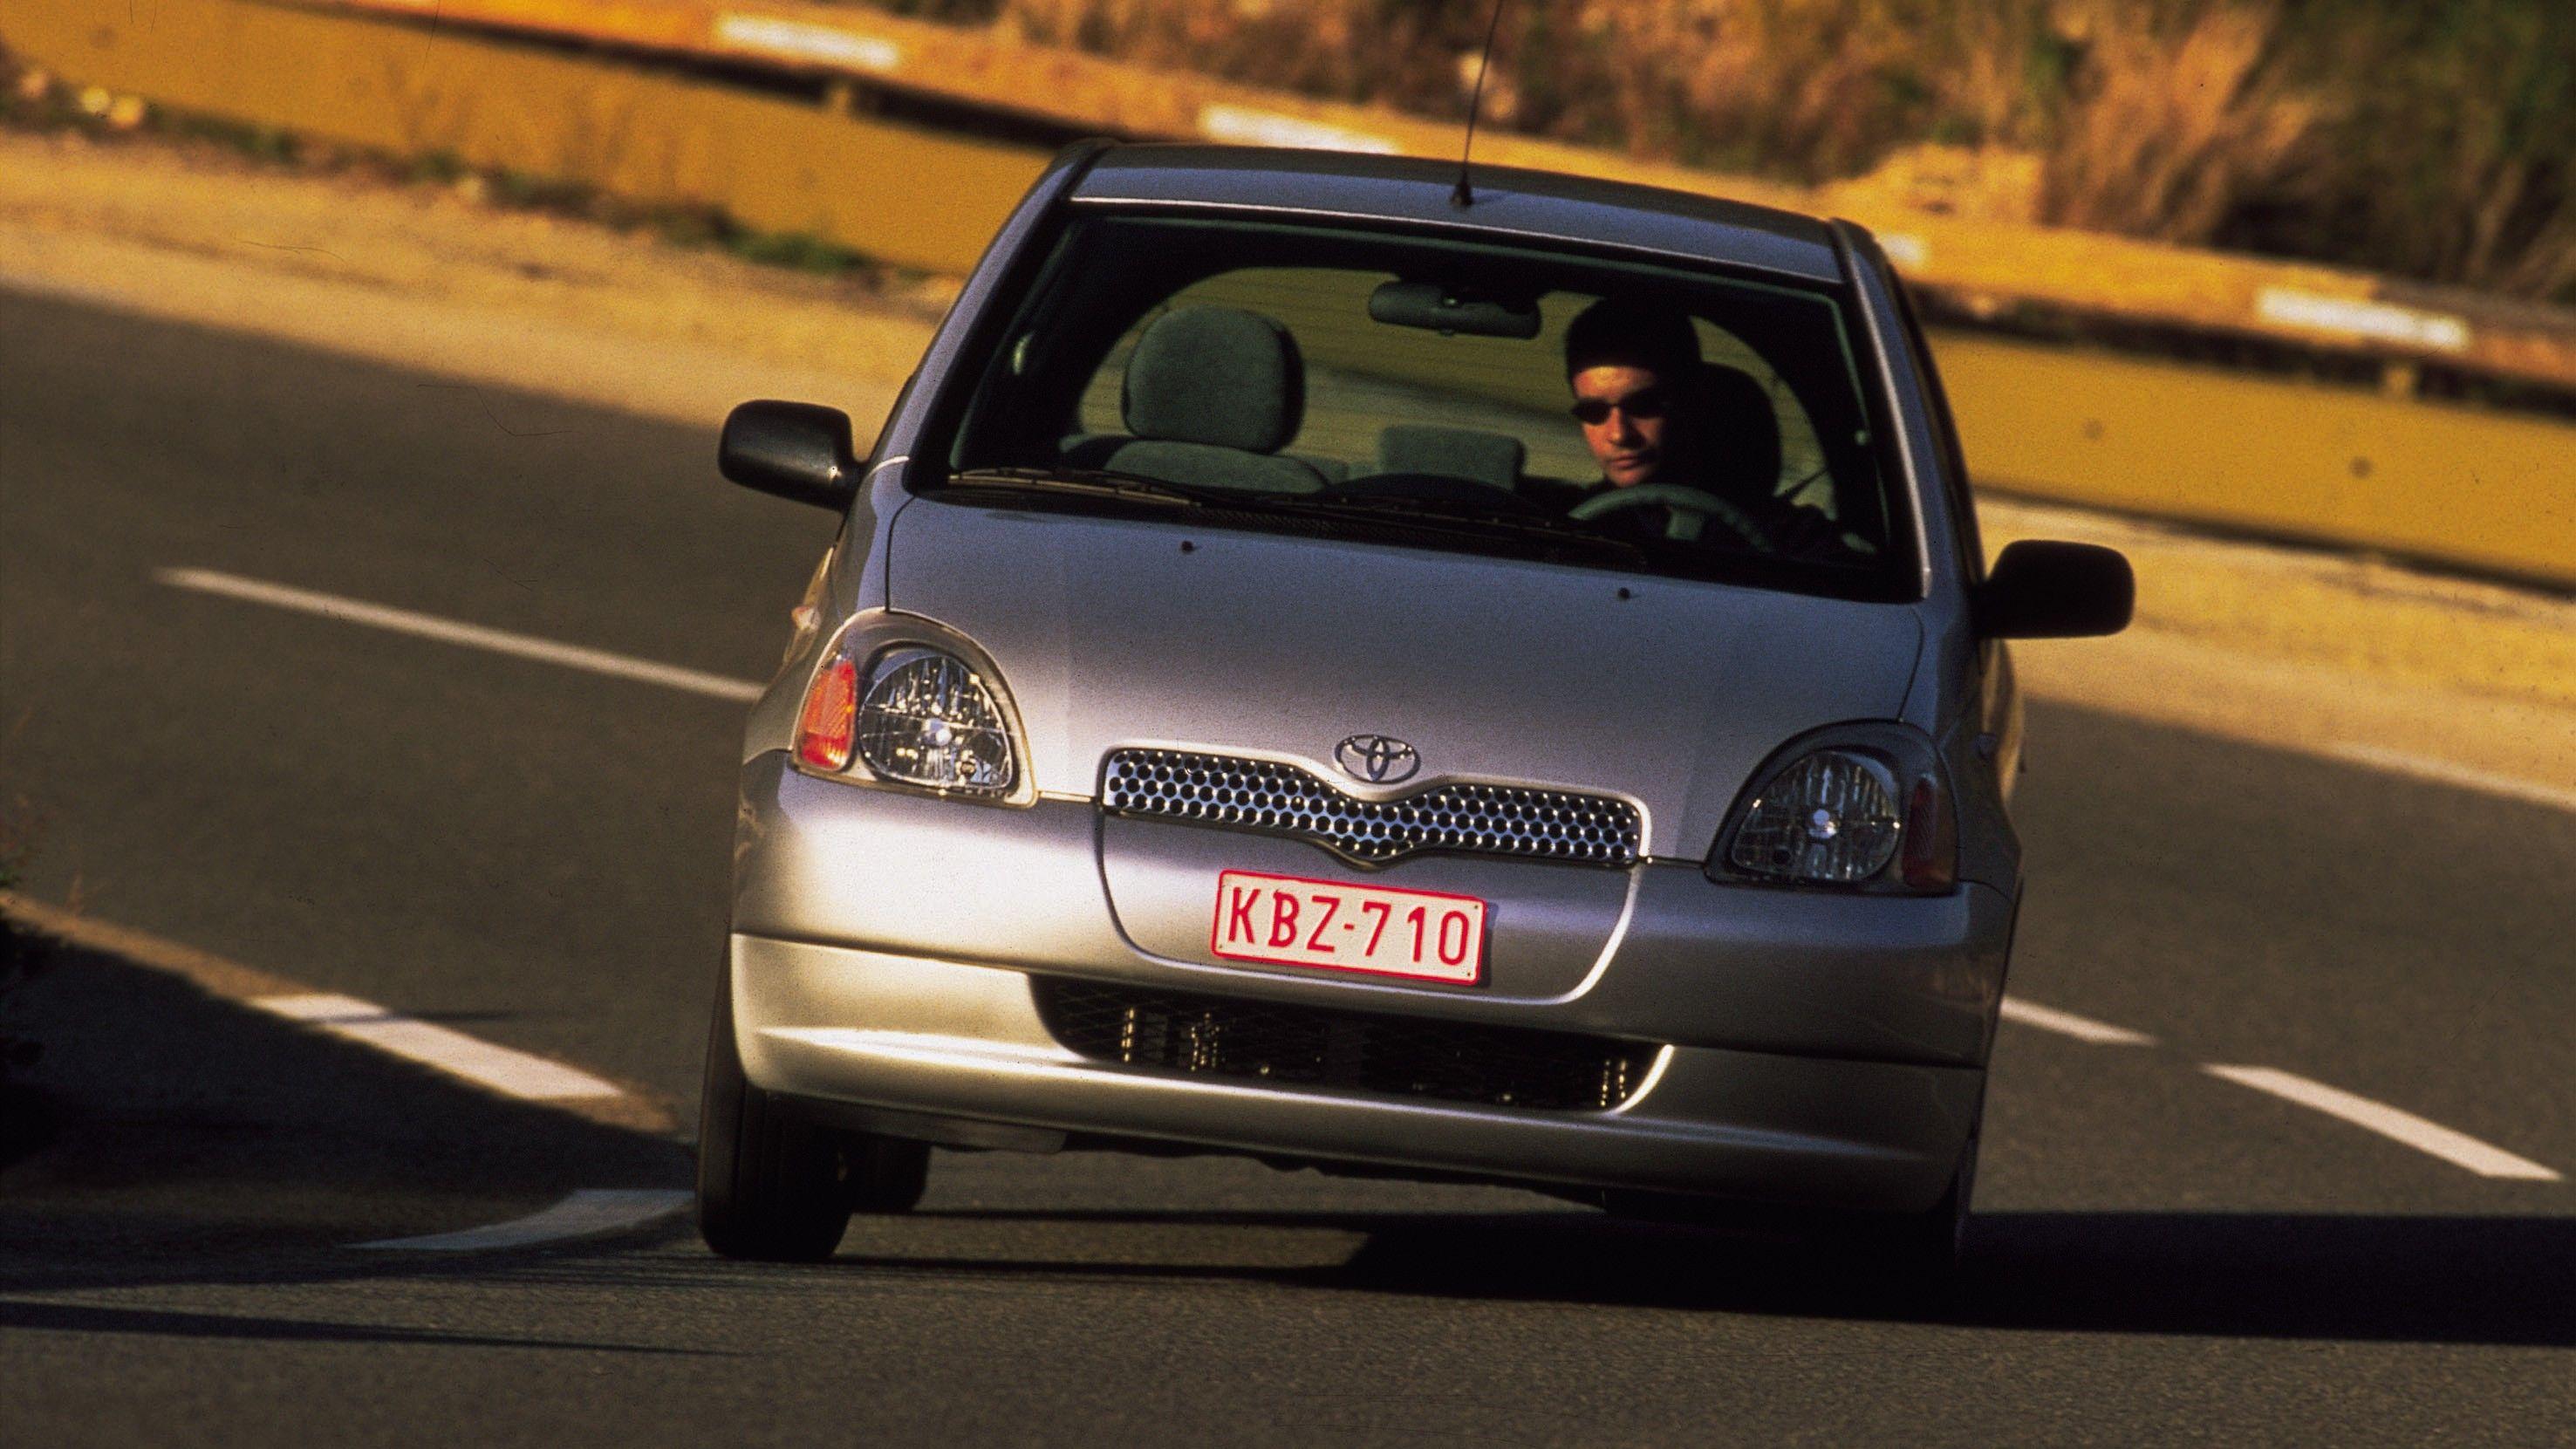 Vezess | Autók, autó tesztek, autó vásárlás 309. oldal